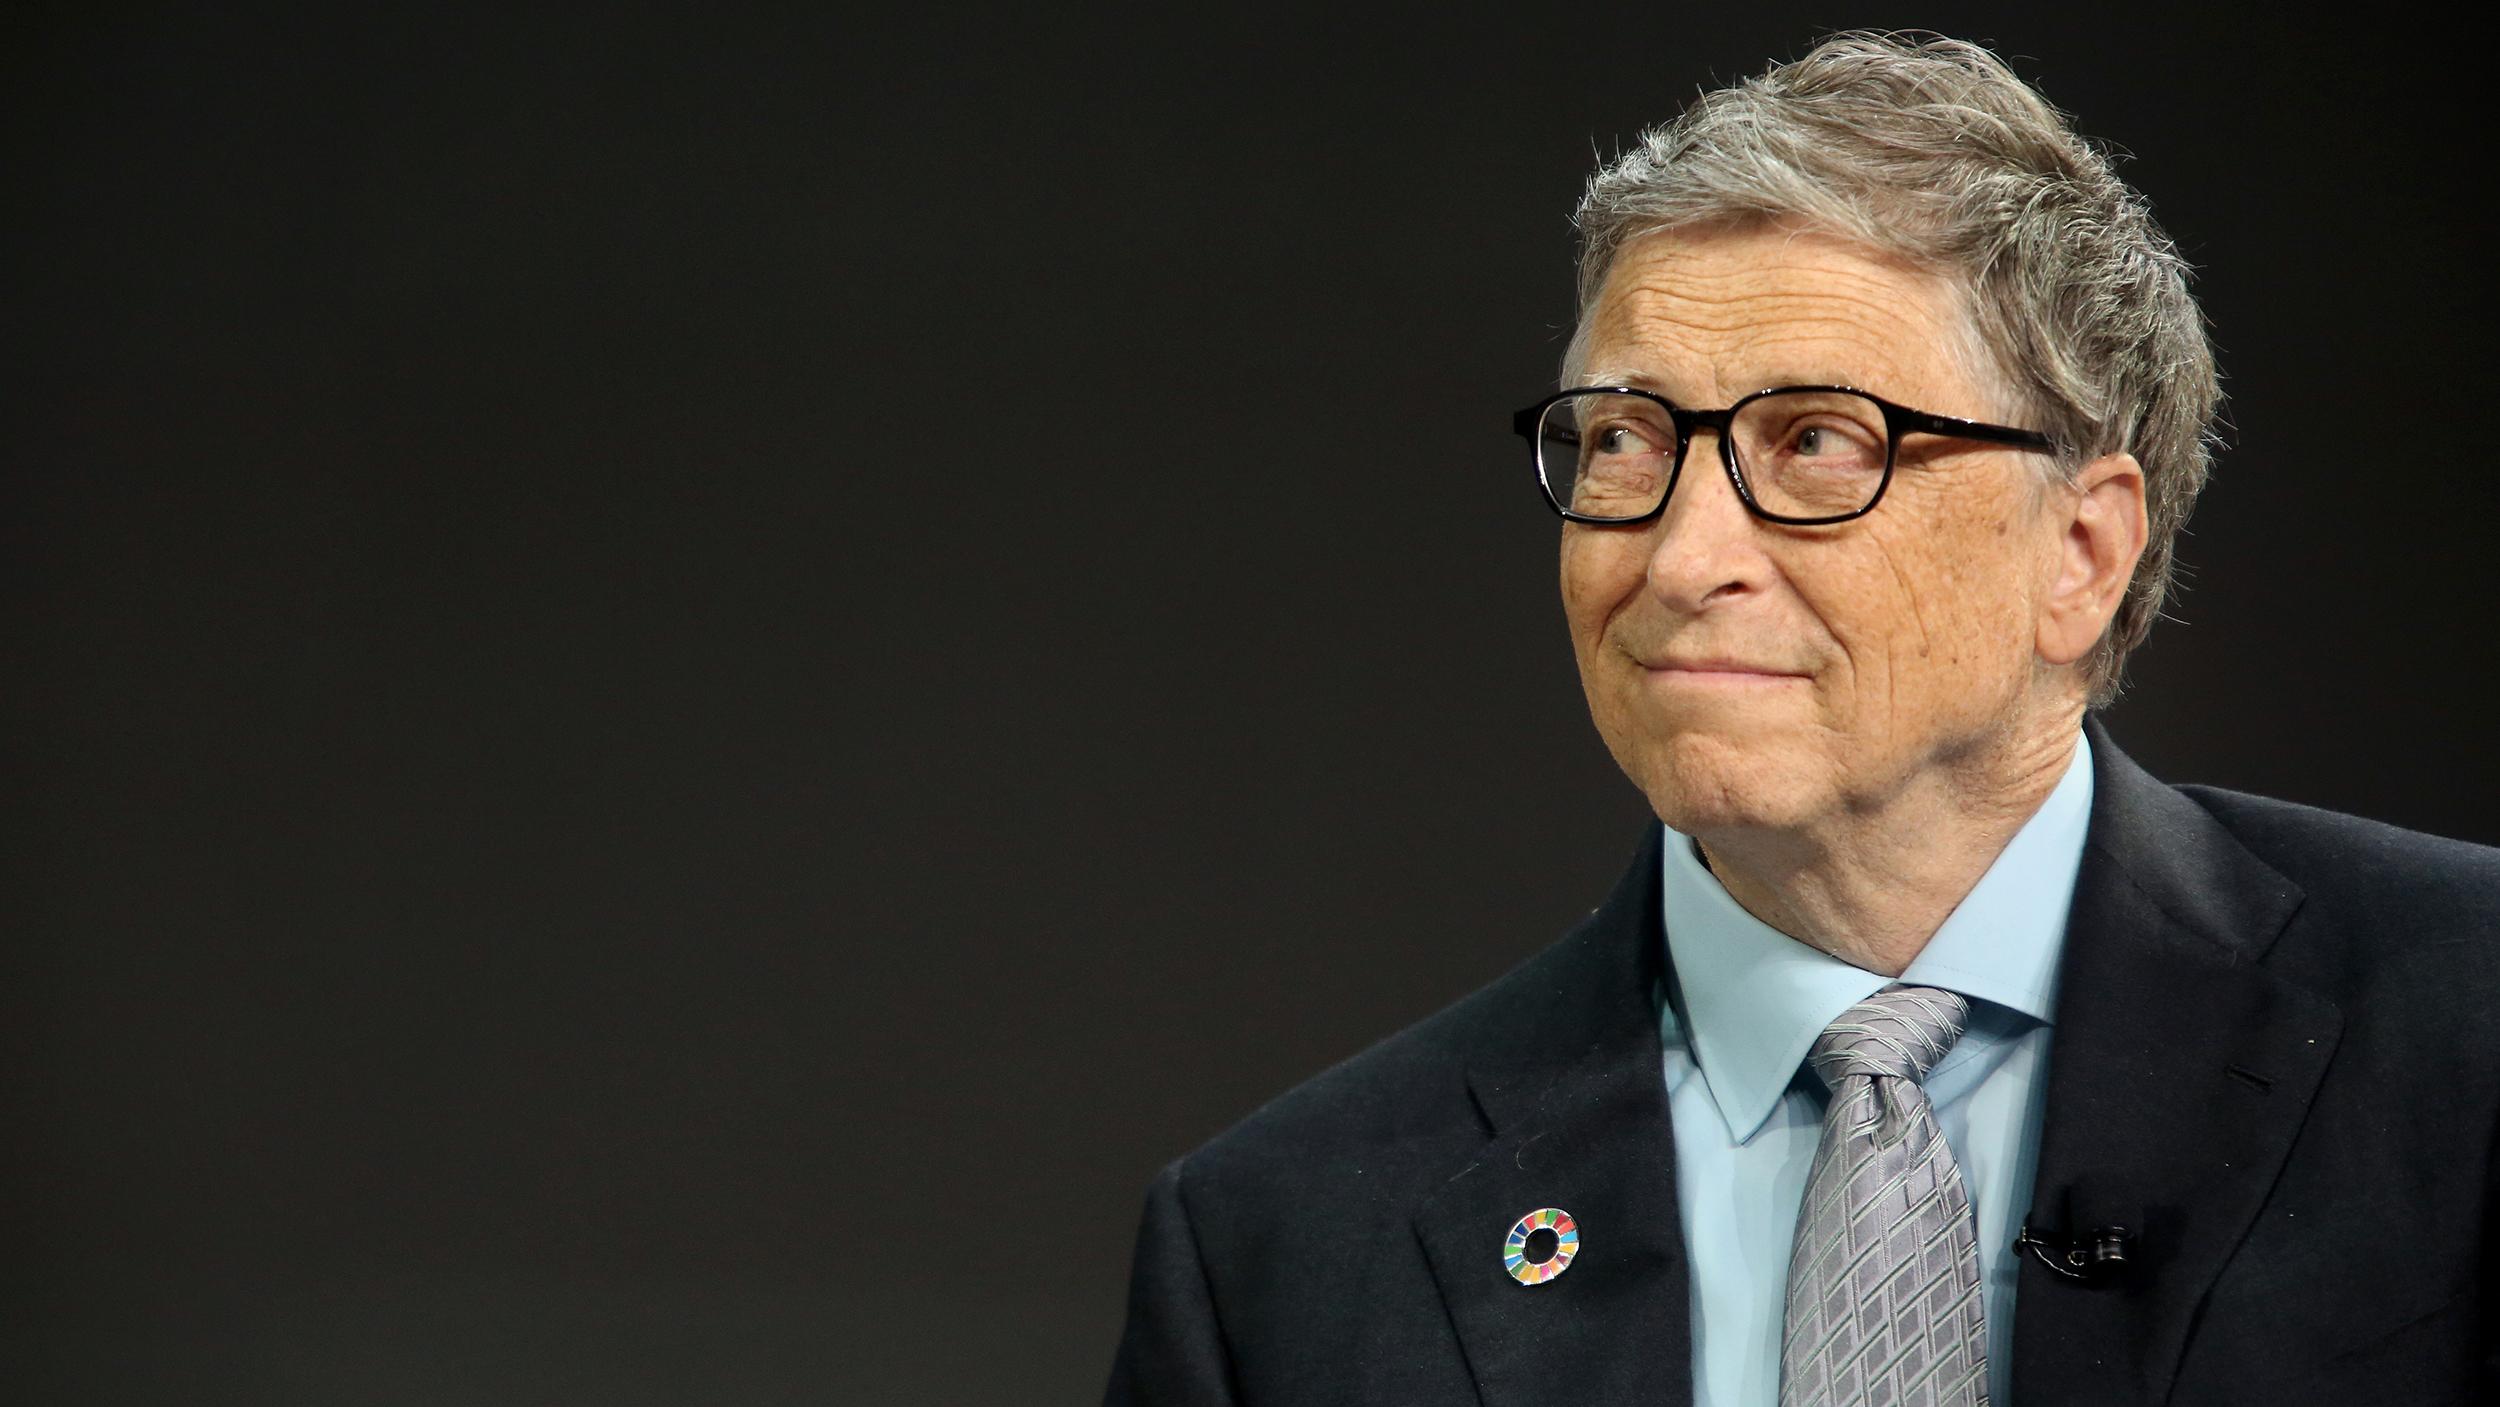 Pour Bill Gates, l'anonymat implicite dans les transactions avec des systèmes de cryptographie comme Bitcoin représente un problème, lié à la criminalité et au blanchiment d'argent. Cependant, l'histoire est différente lorsqu'il parle de la technologie Blockchain. Source : El Universal